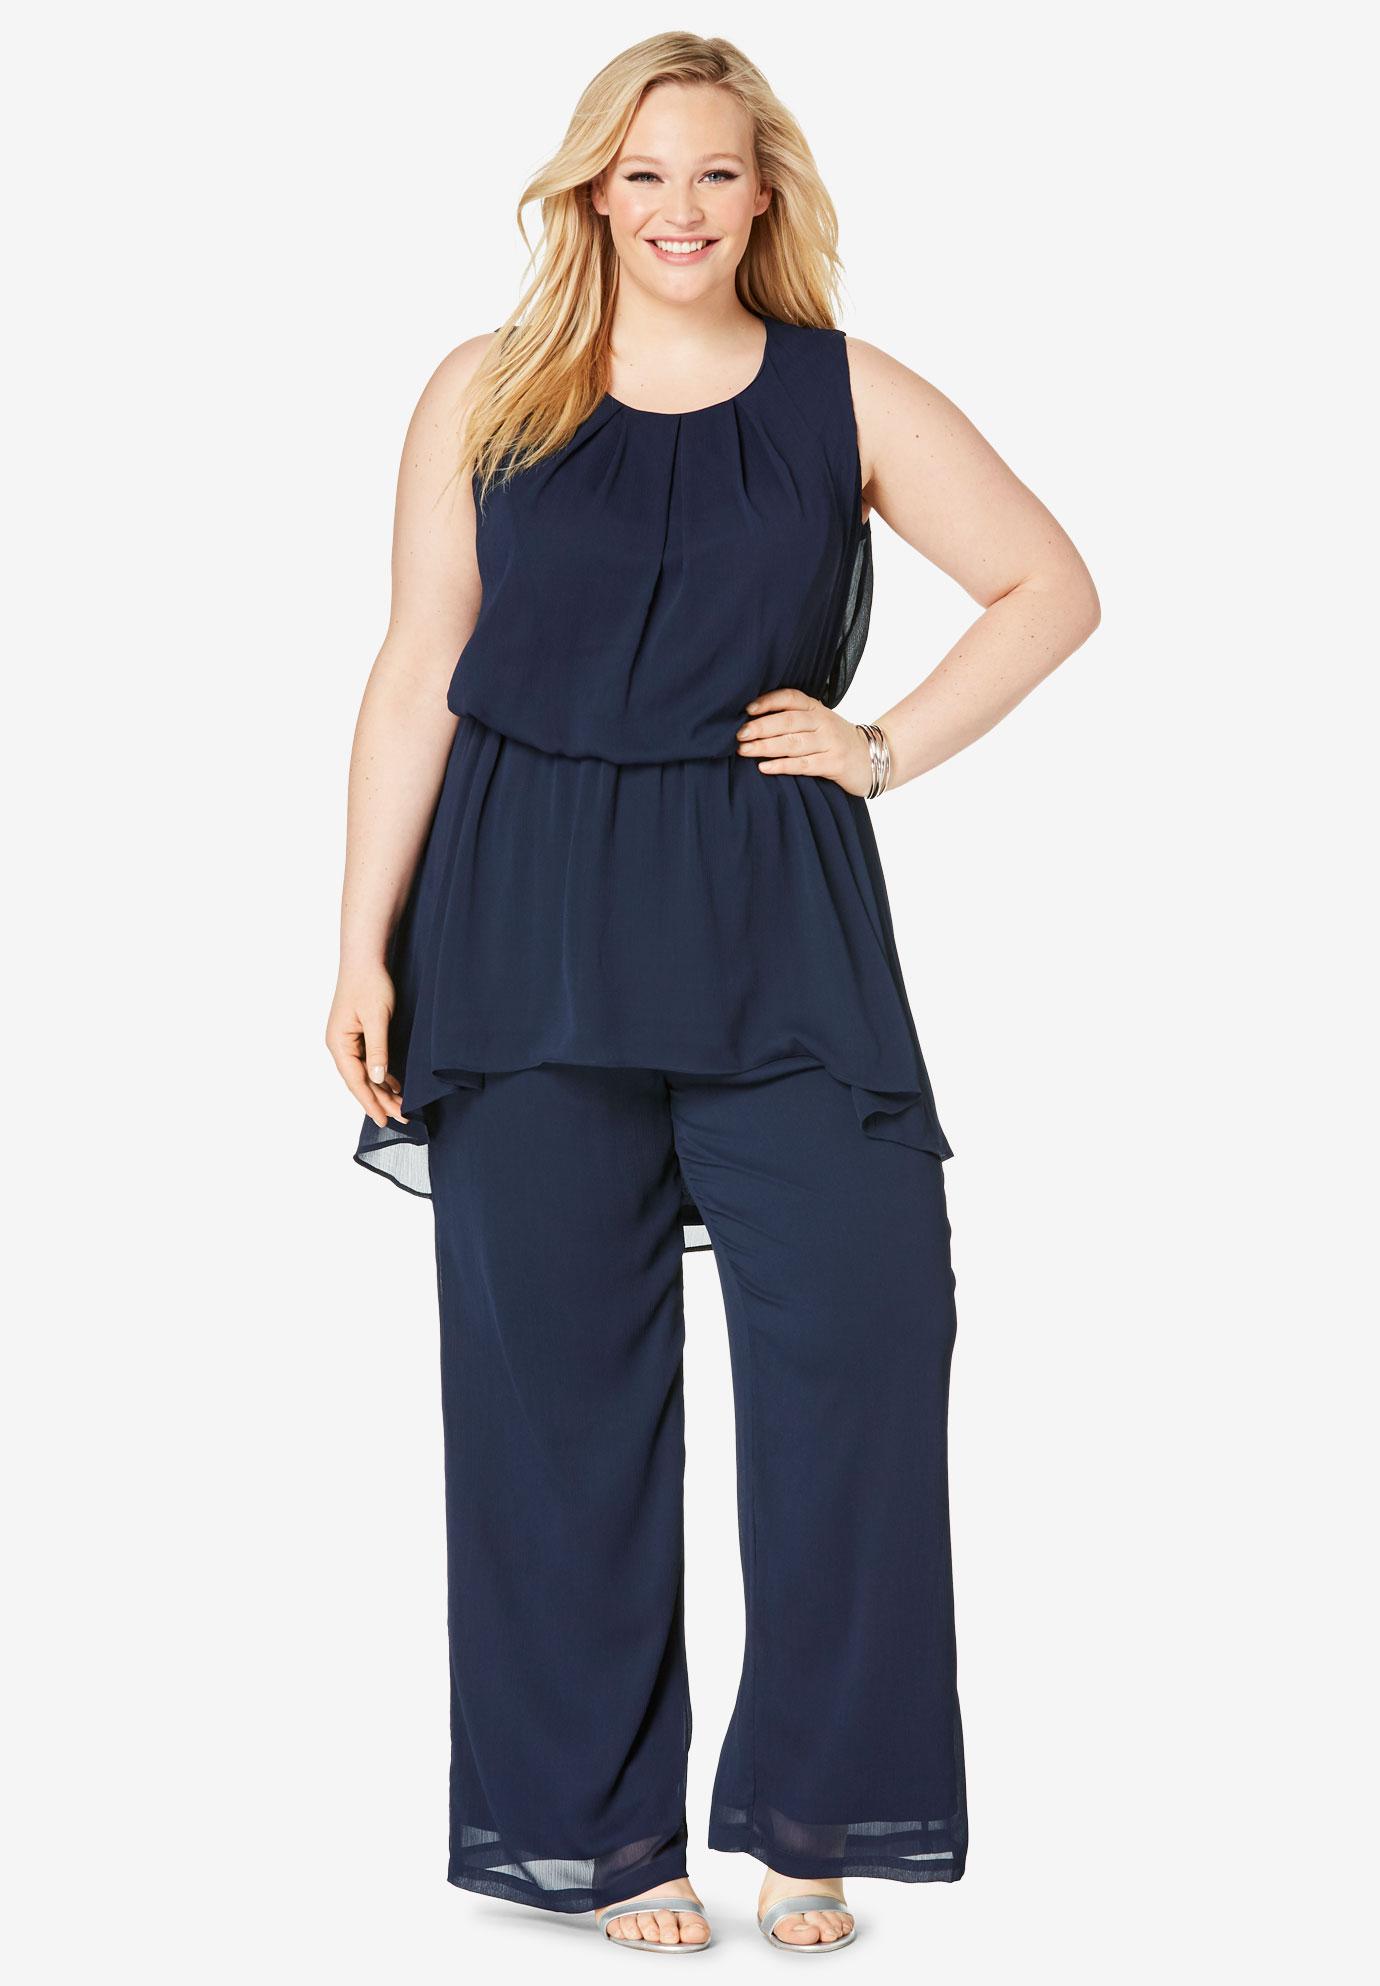 5c8188c174 2-Piece Wide Leg Pant Set| Plus Size Sets | Full Beauty